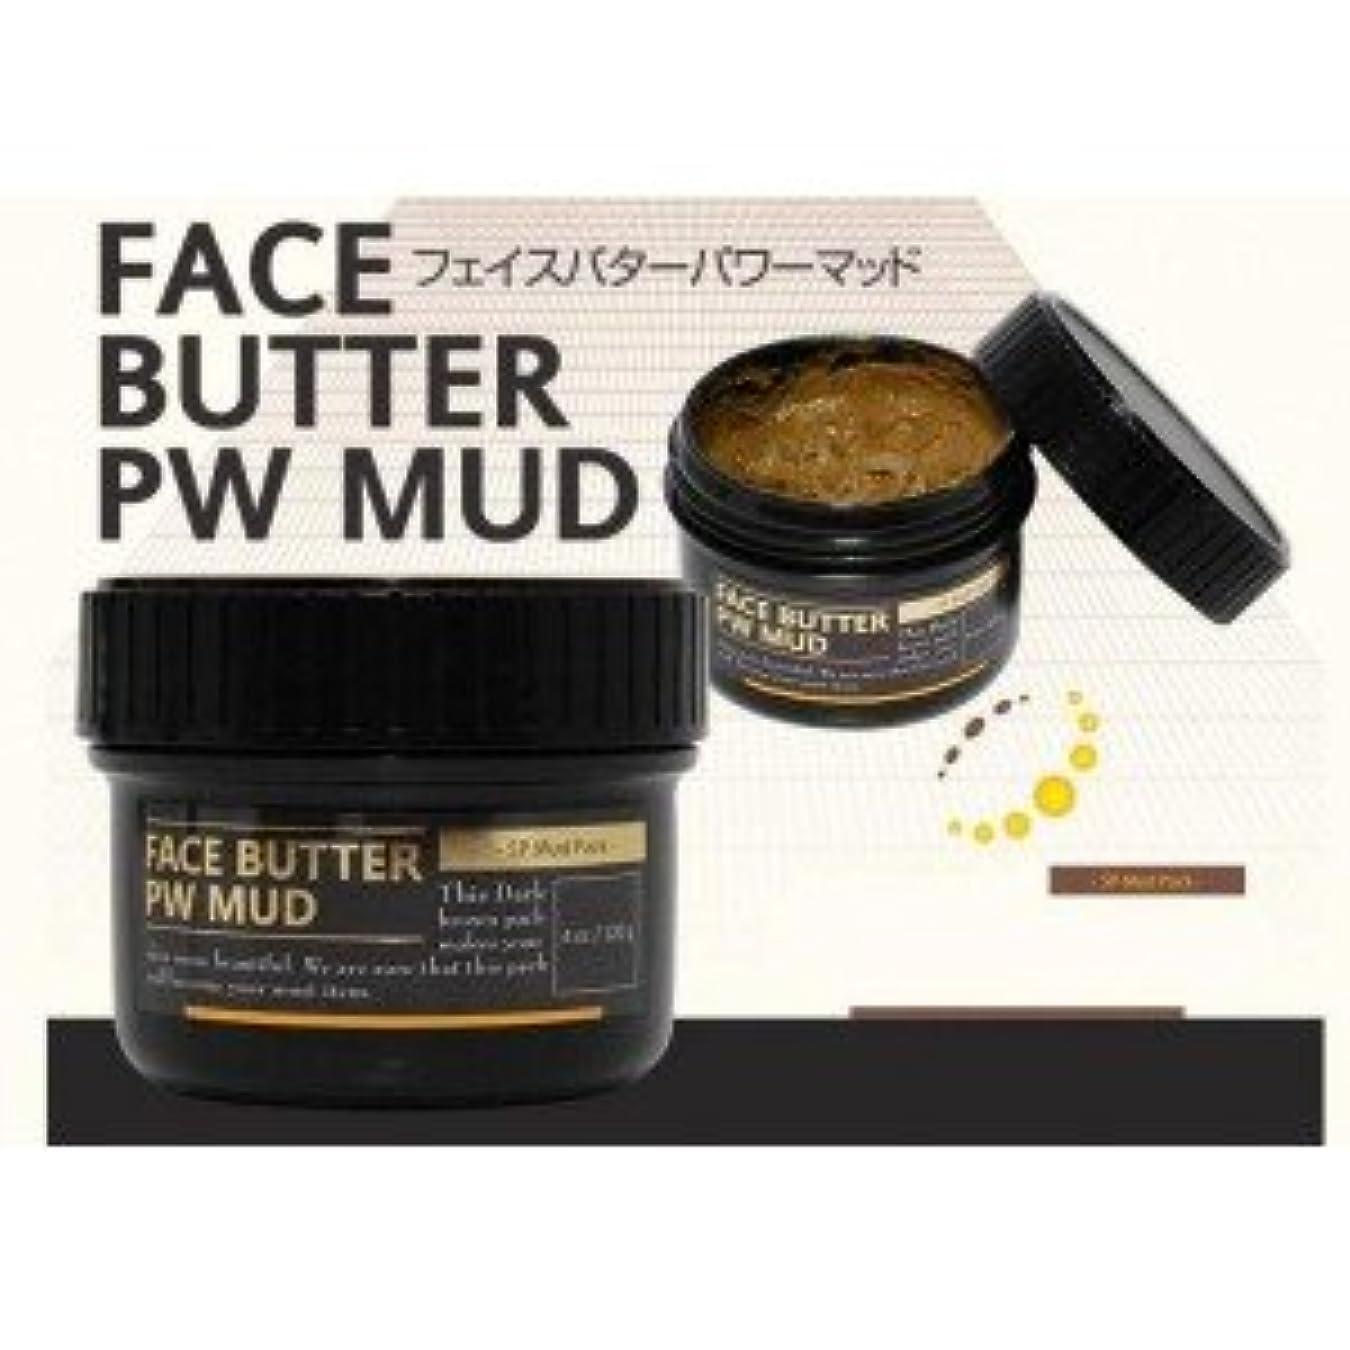 道徳感覚防水アクティフリー フェイスバターパワーマッド(FACE BUTTER PW MUD) 120g